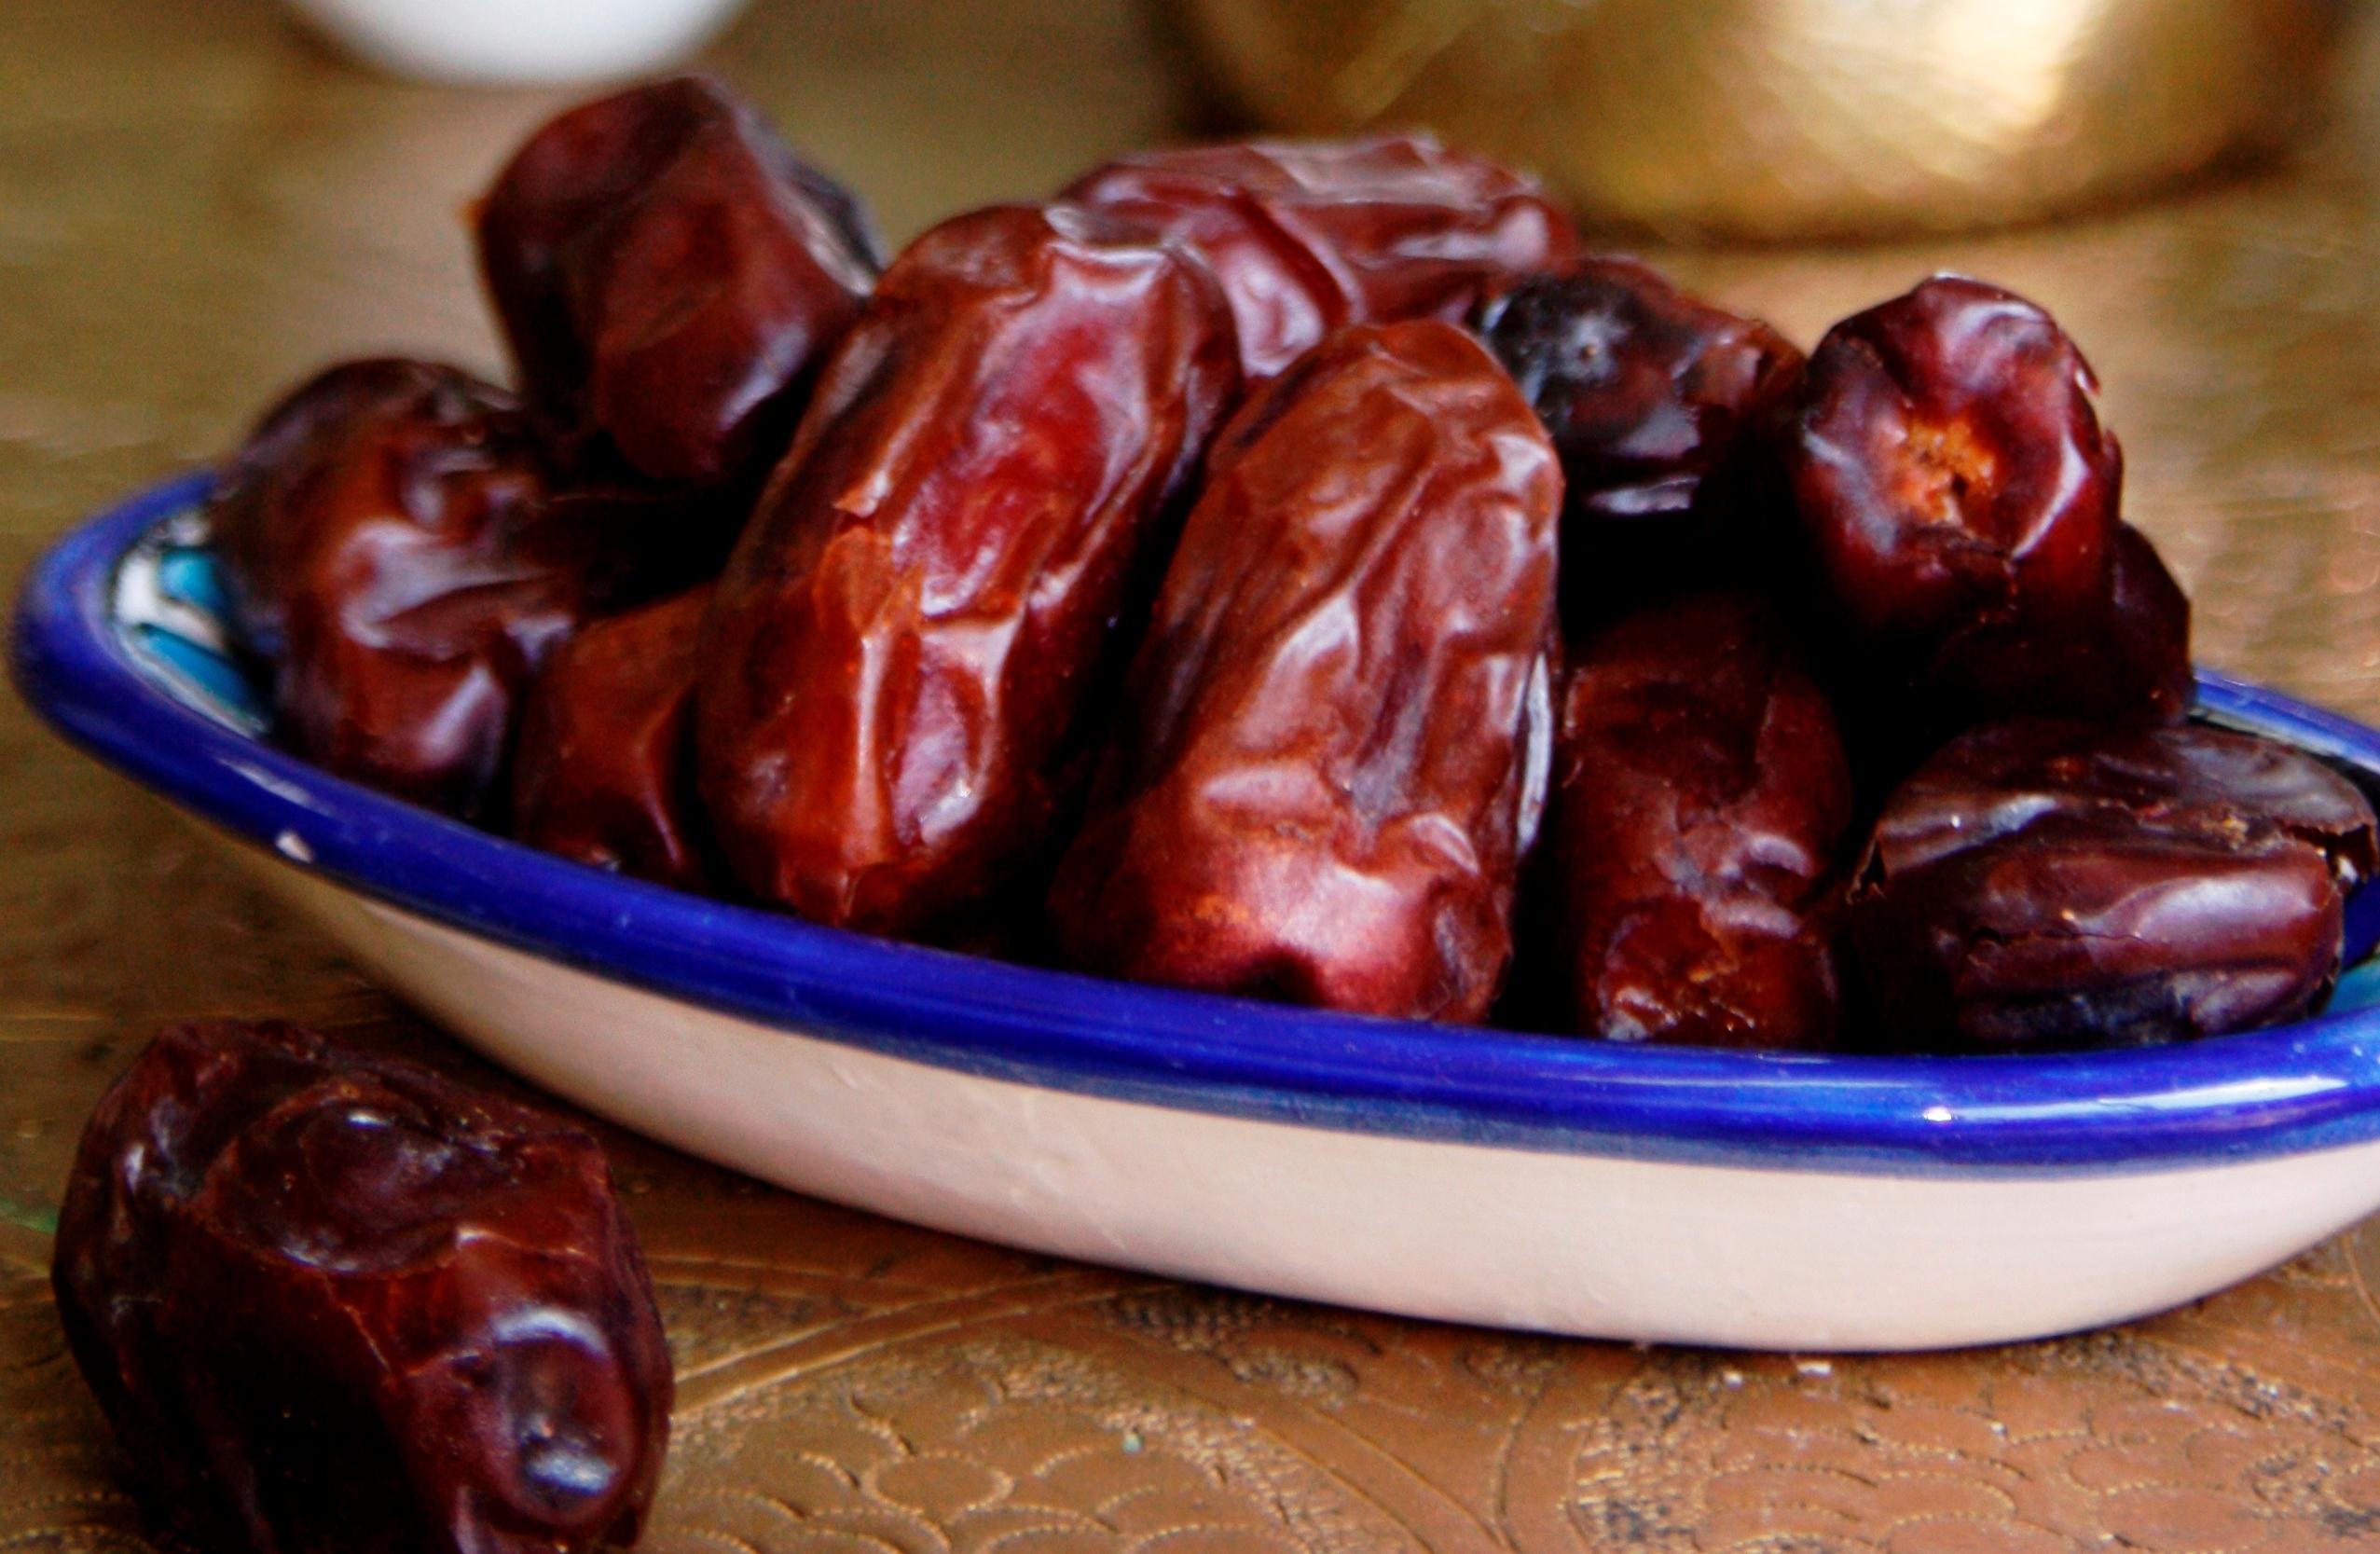 Финики самые полезные фрукты на планете!